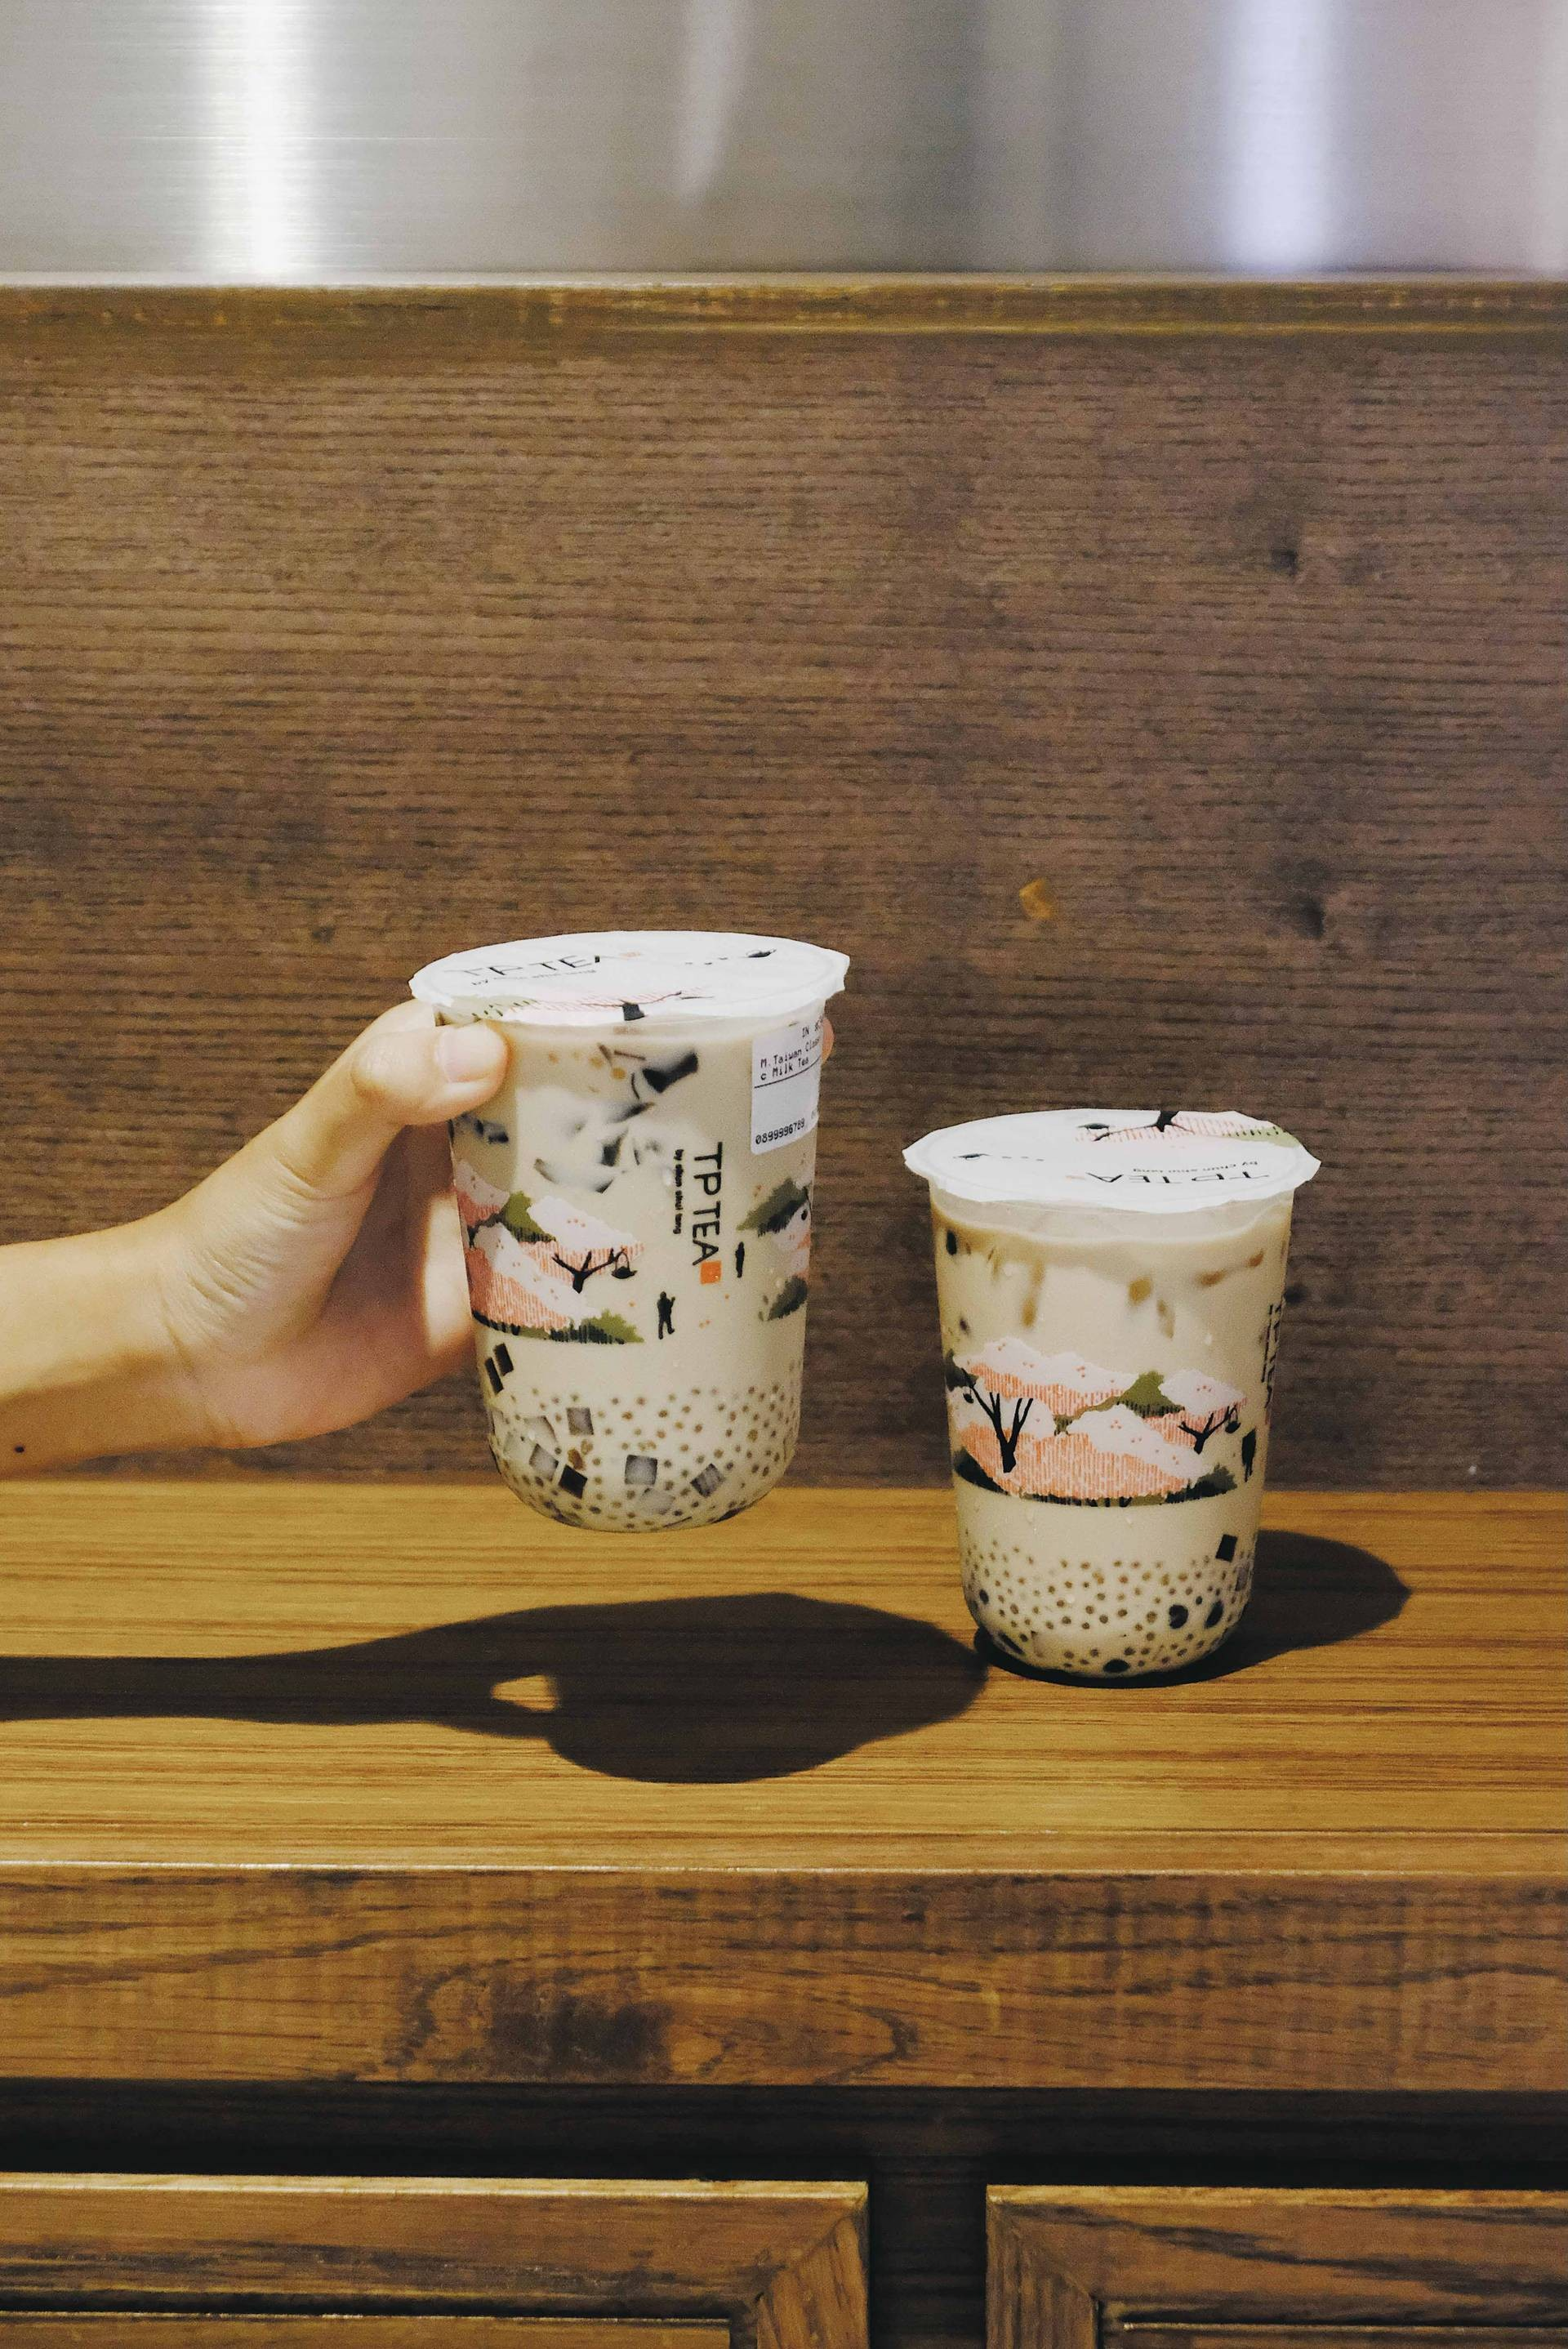 3Q TP Milk Tea